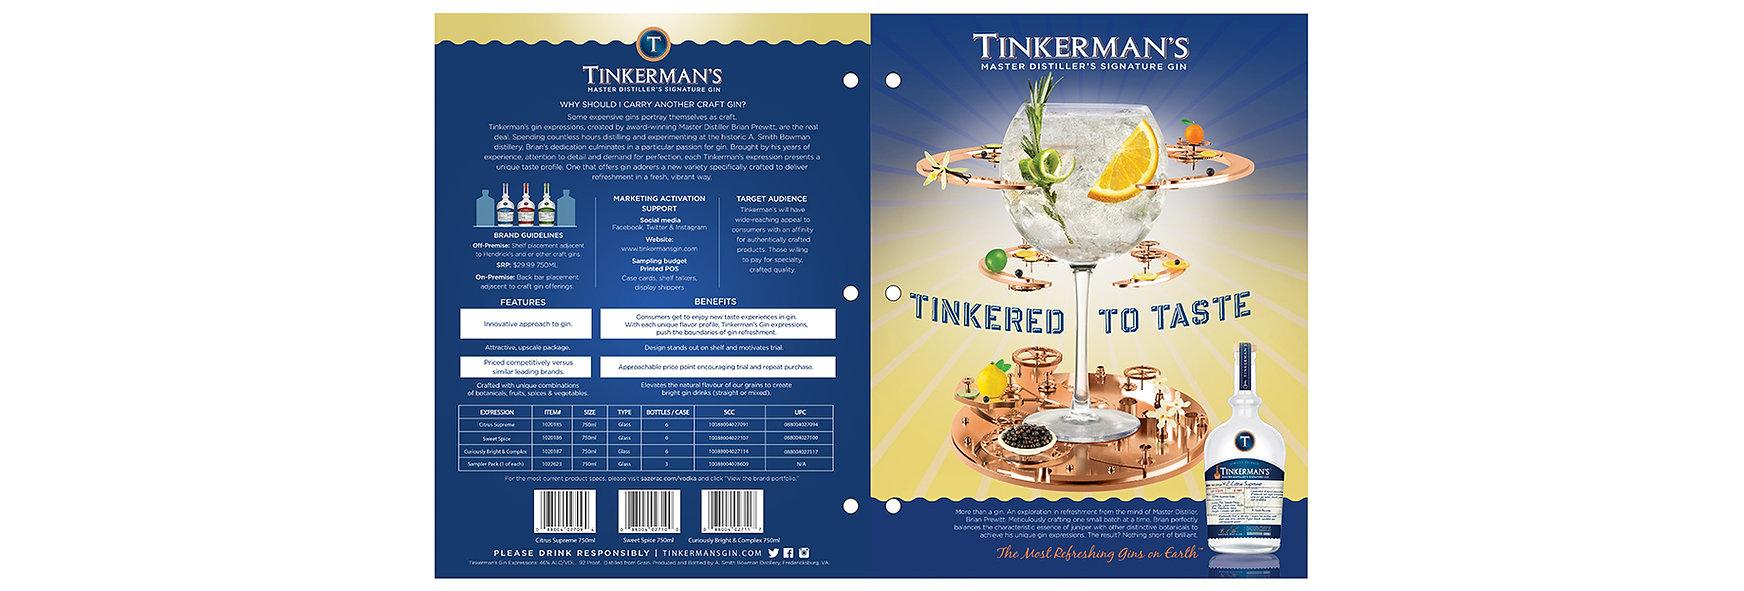 tinkerman1.jpg